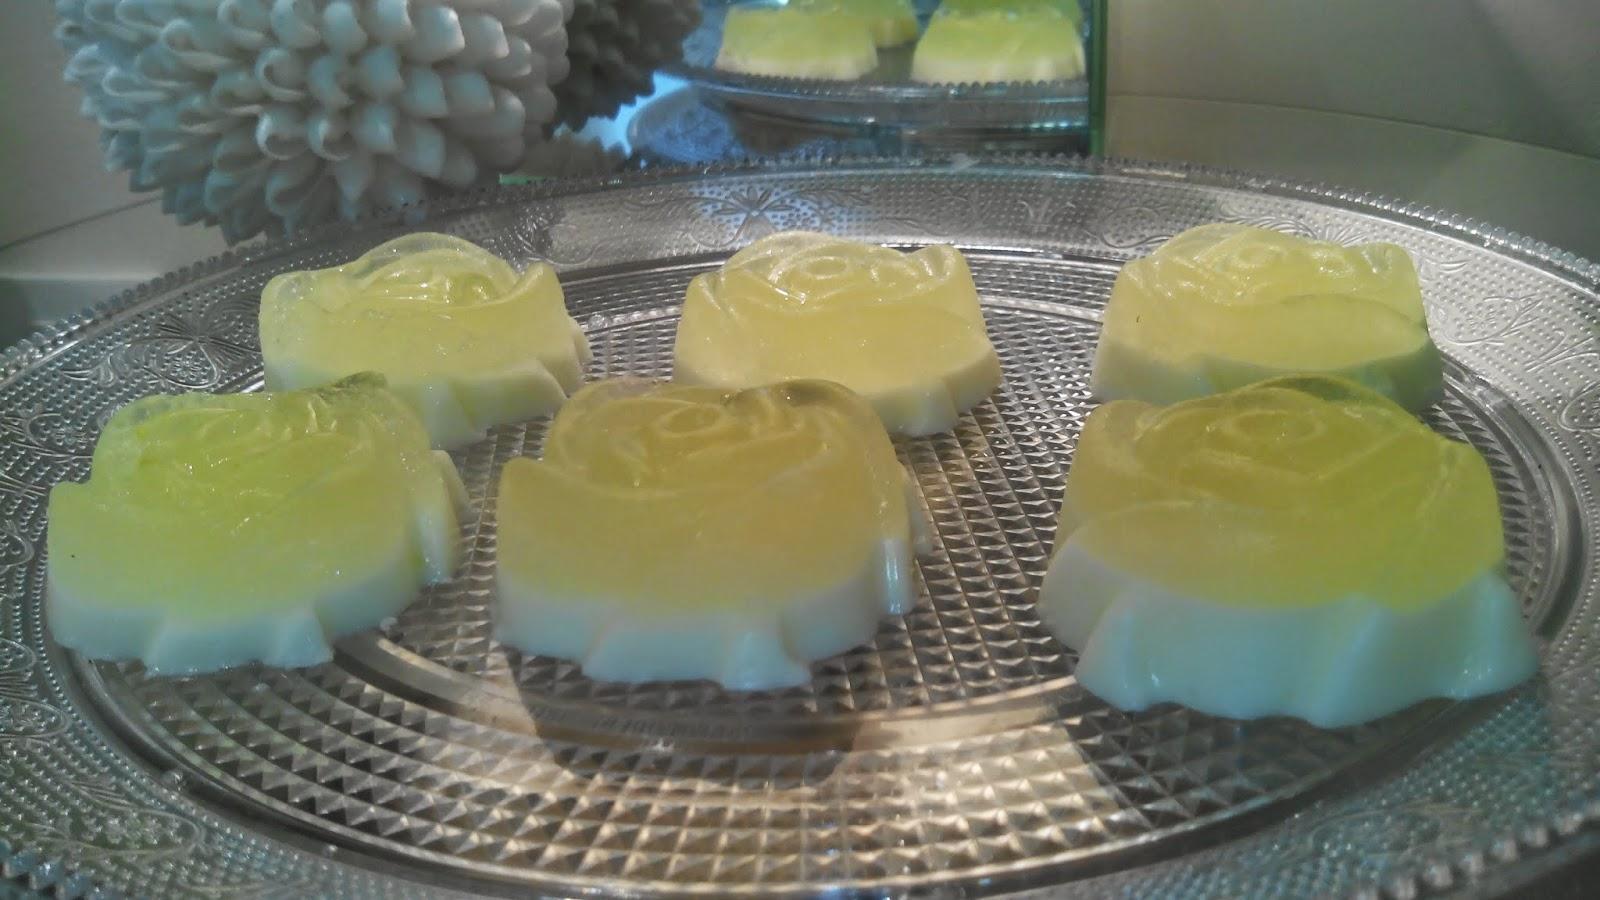 pastel de granizado de limón con yogur , pastel de gelatina , gelatina de granizado de limón, gelatina de yogur, pastel de granizado y yogur, mojito